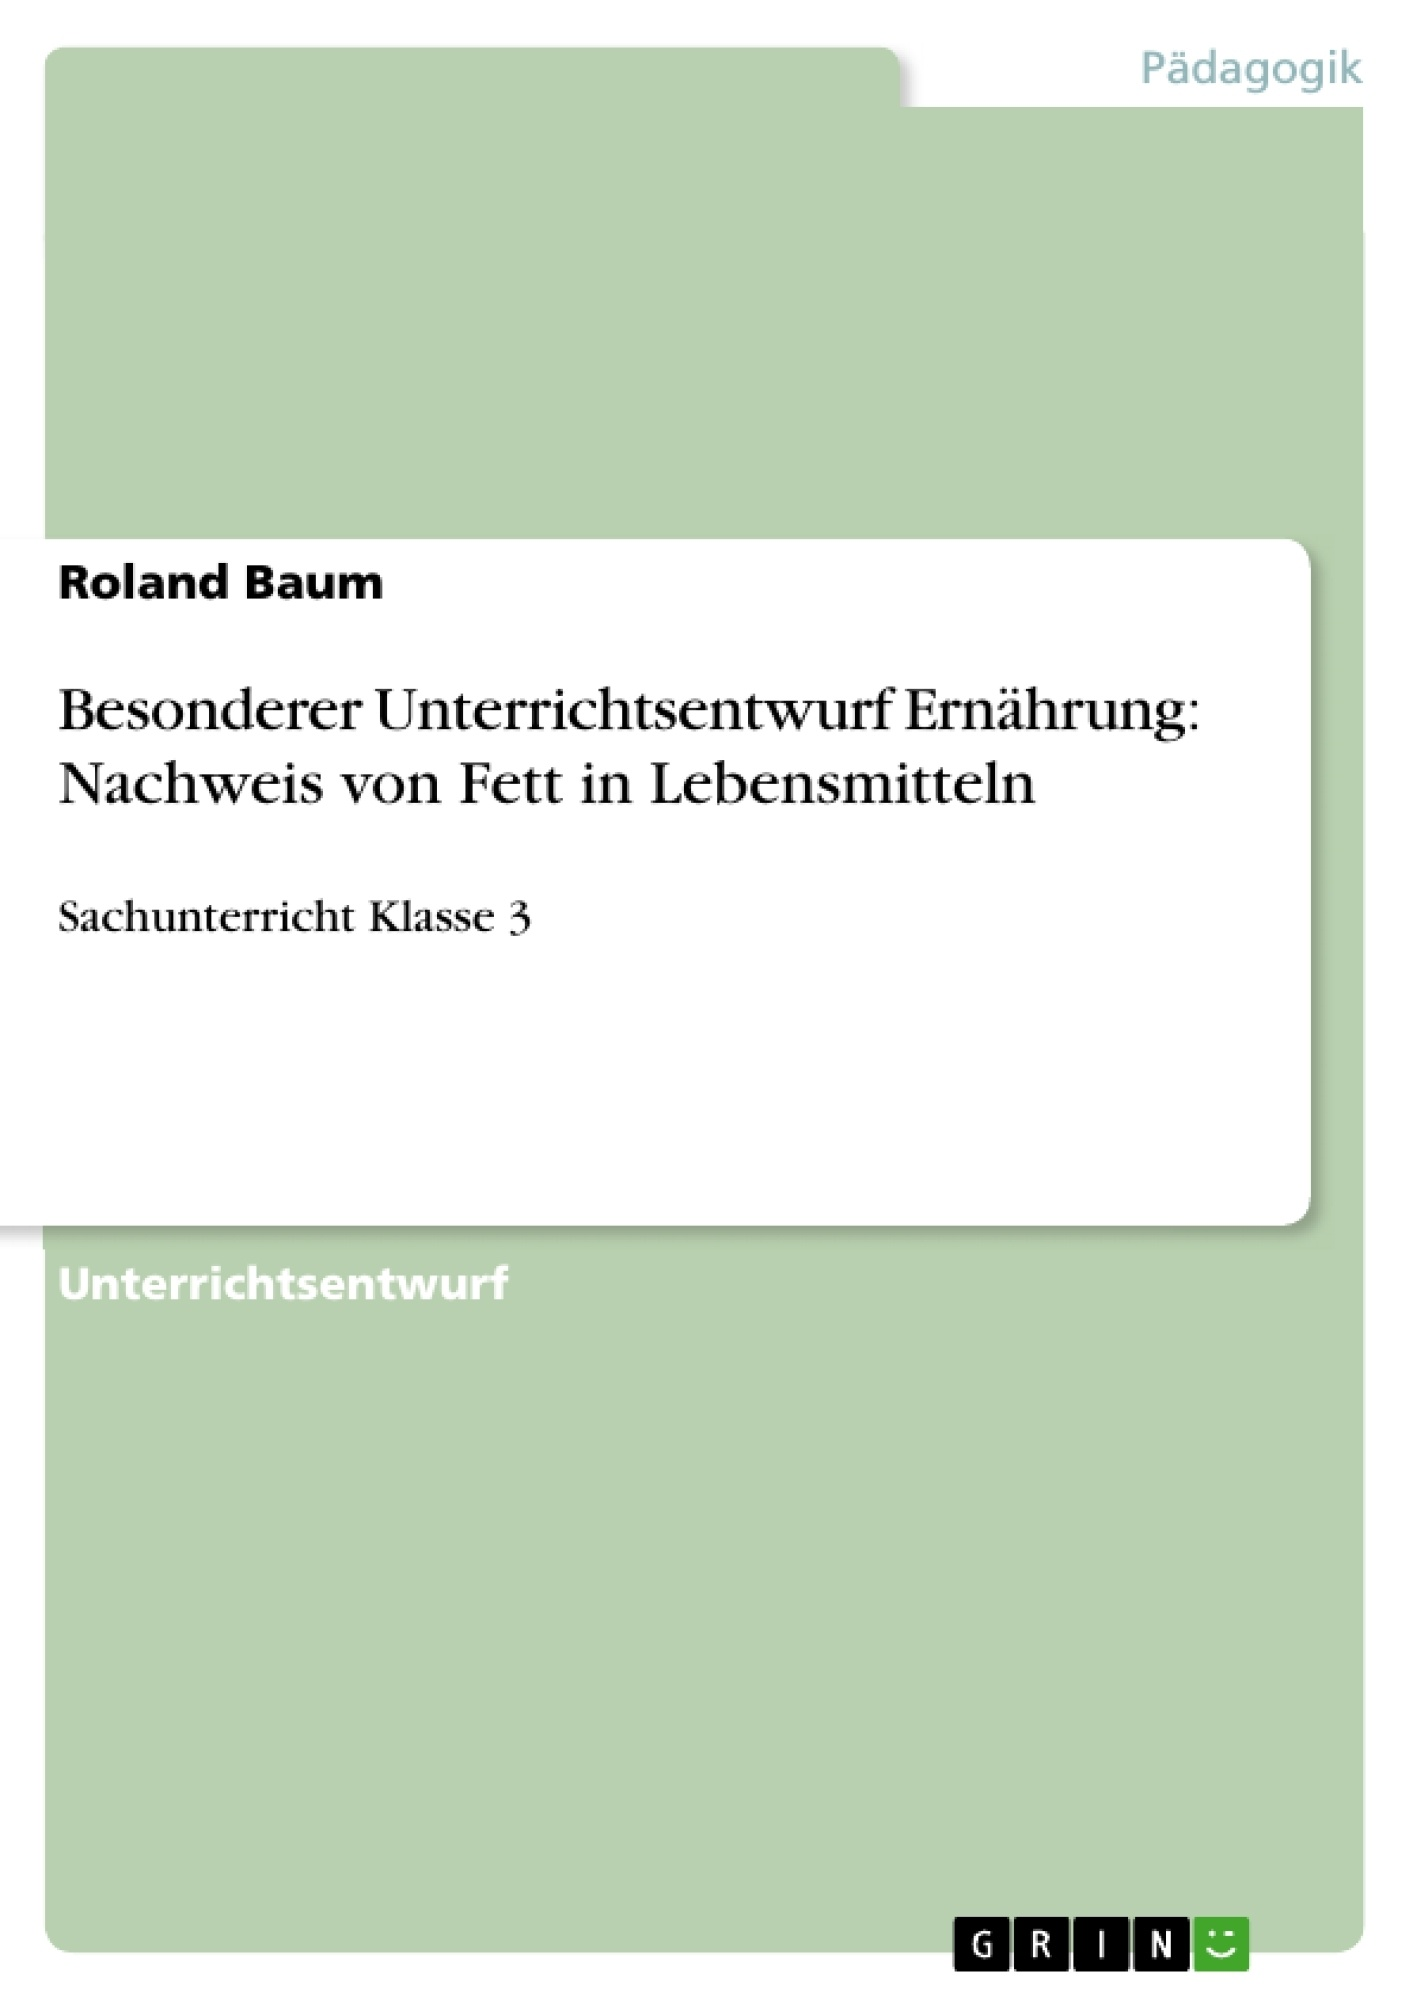 Titel: Besonderer Unterrichtsentwurf Ernährung: Nachweis von Fett in Lebensmitteln